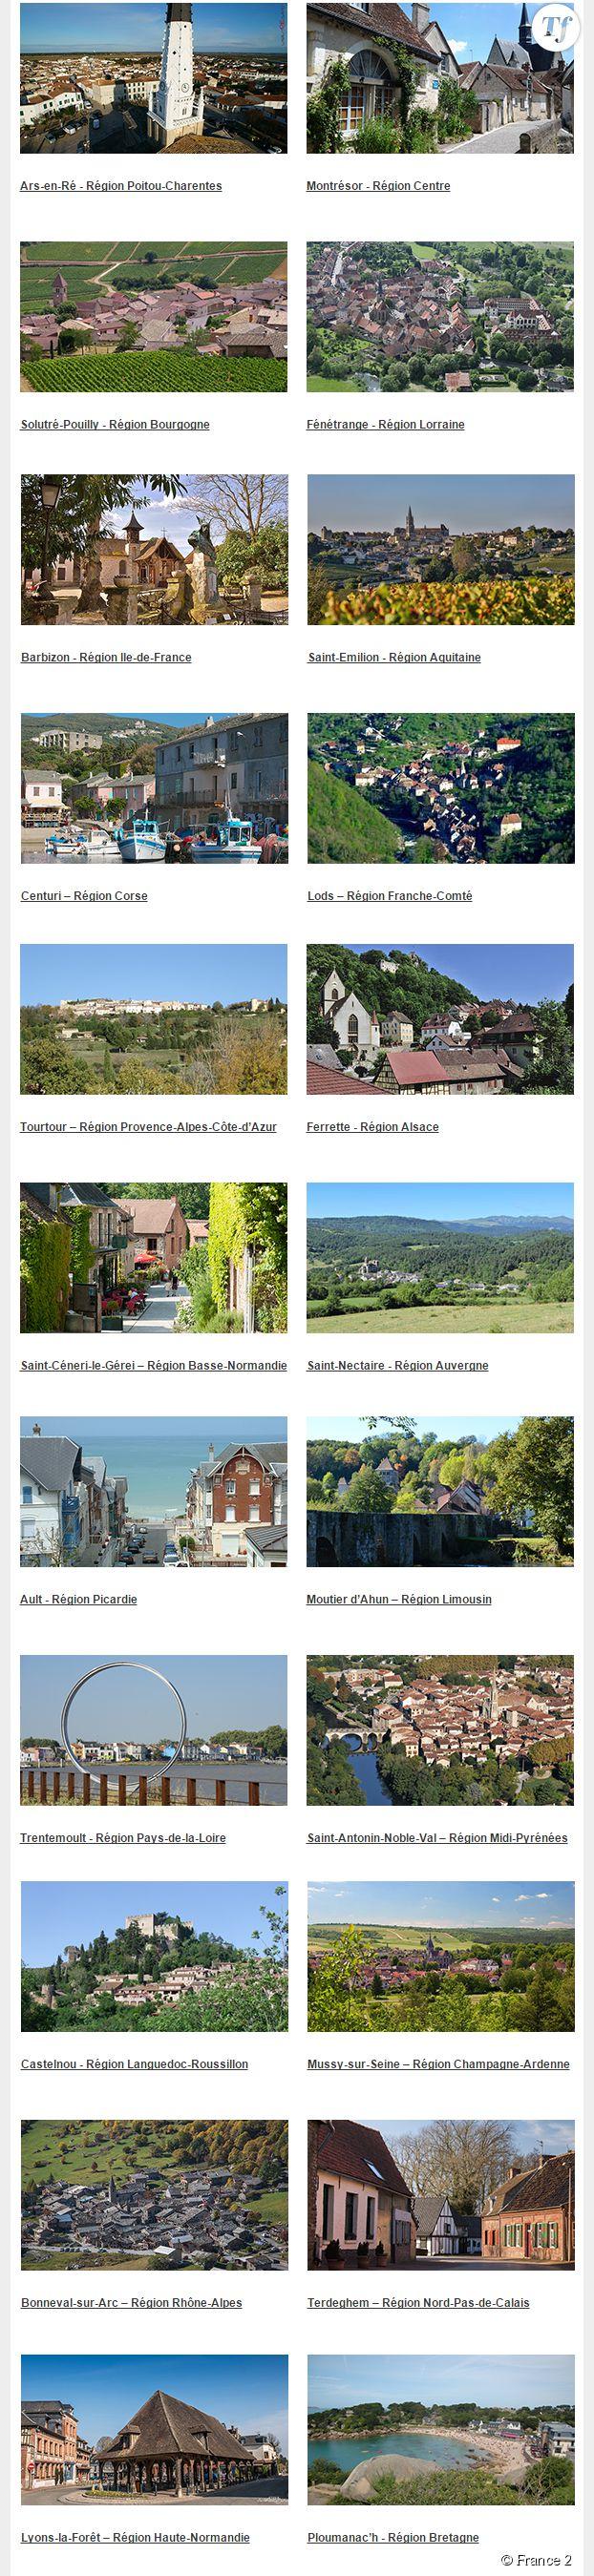 Les 22 villages sélectionnés pour le concours de Village Préféré des Français 2015.